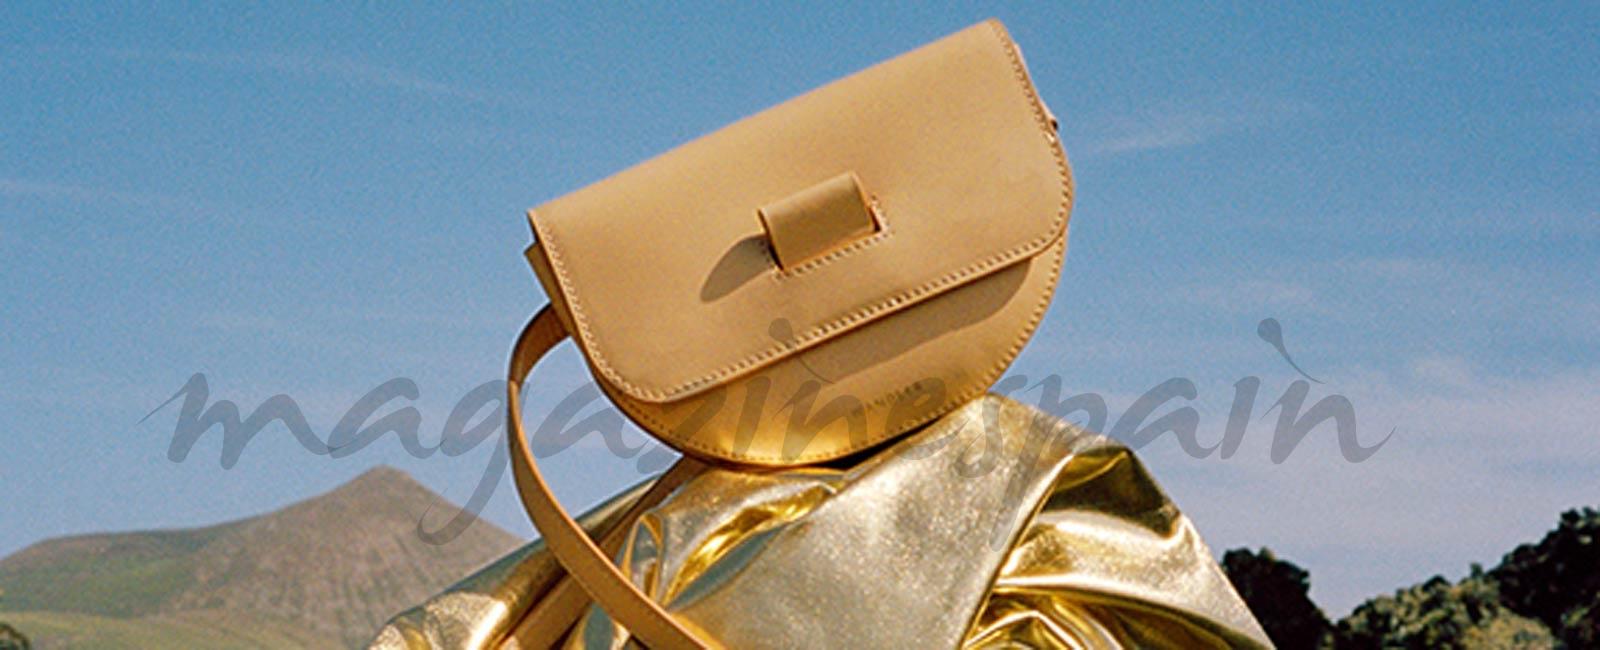 Los espectaculares bolsos de Wandler